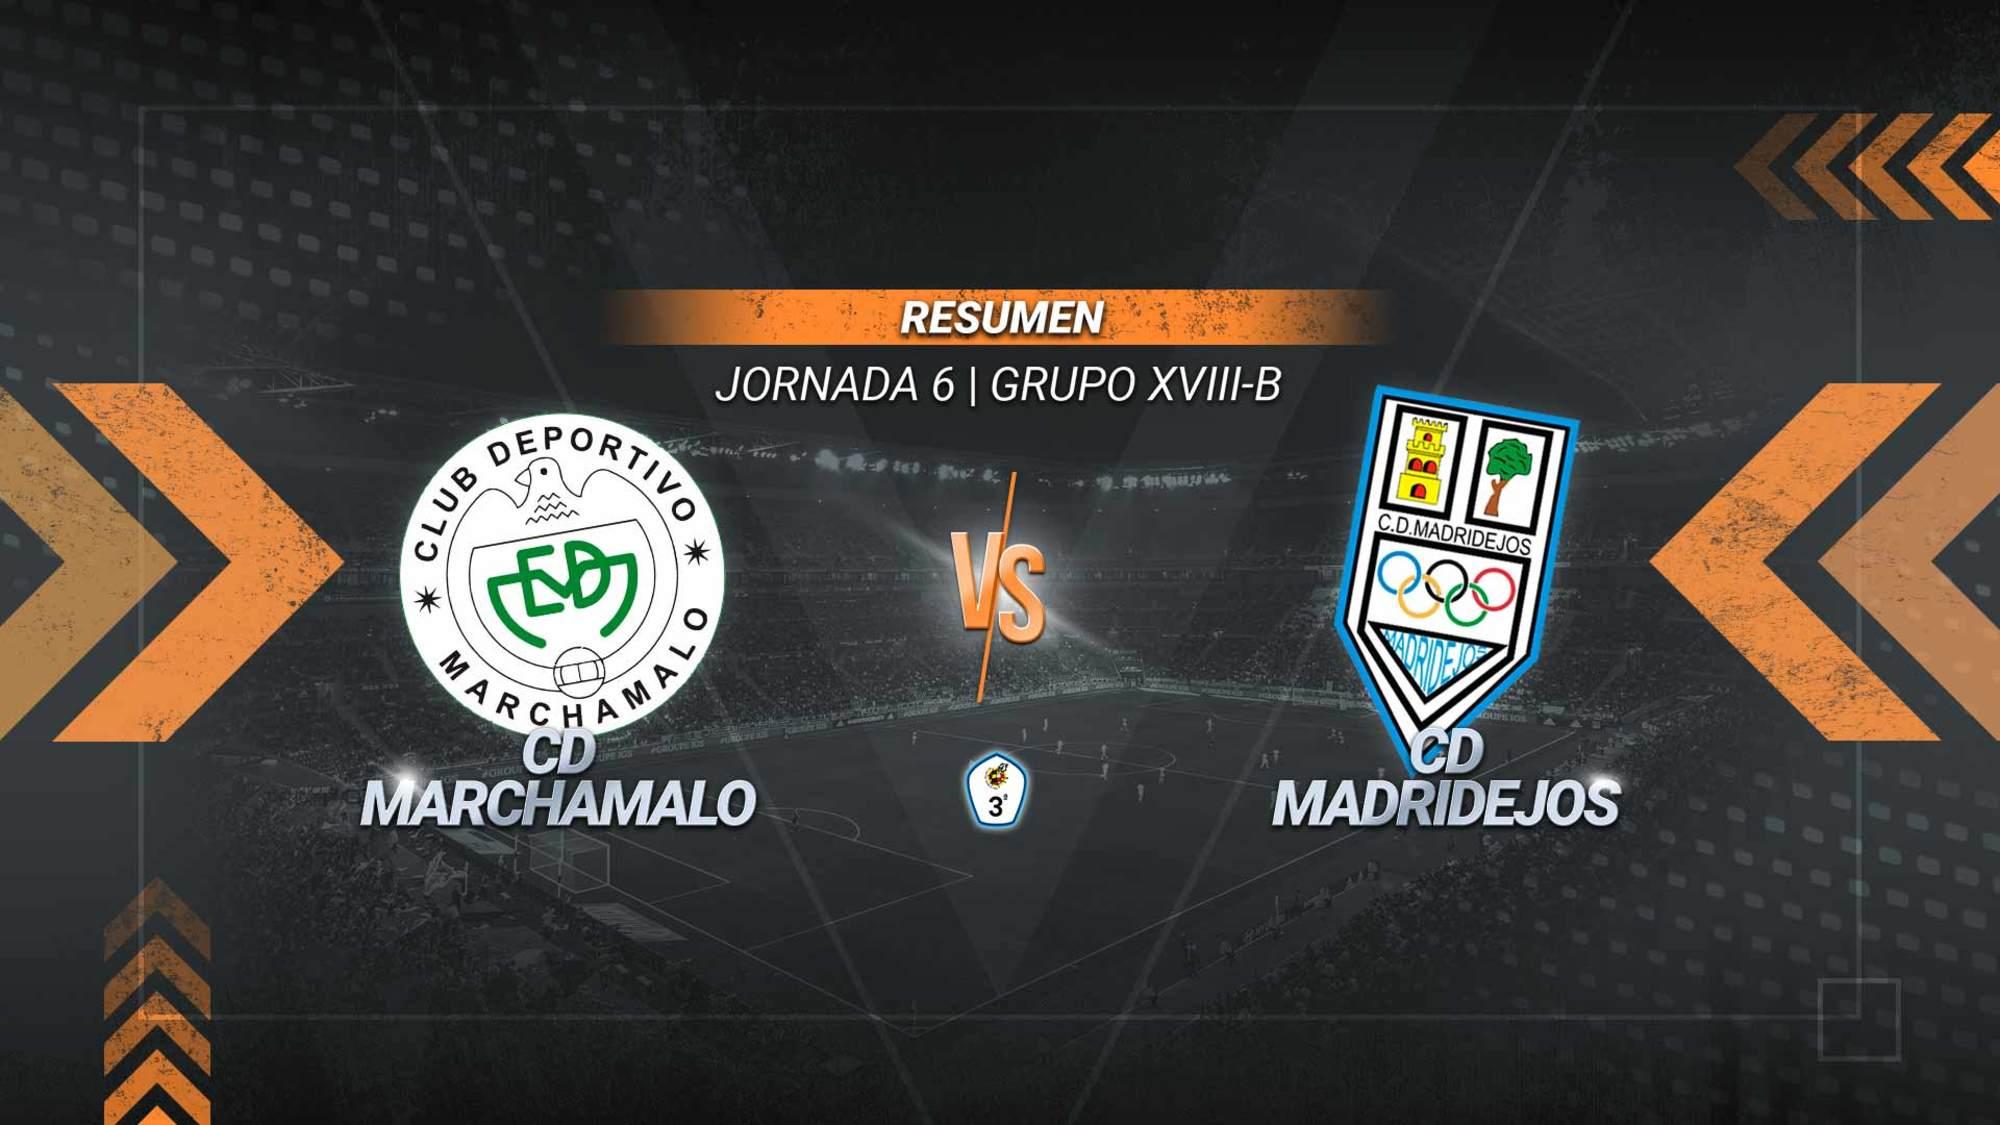 El Marchamalo consigue el primer triunfo del 2021 y es líder en solitario del subgrupo B. Un gol de Juan en la segunda parte permite a los gallardos alcanzar los 22 puntos. El Madridejos se queda penúltimo con 5.